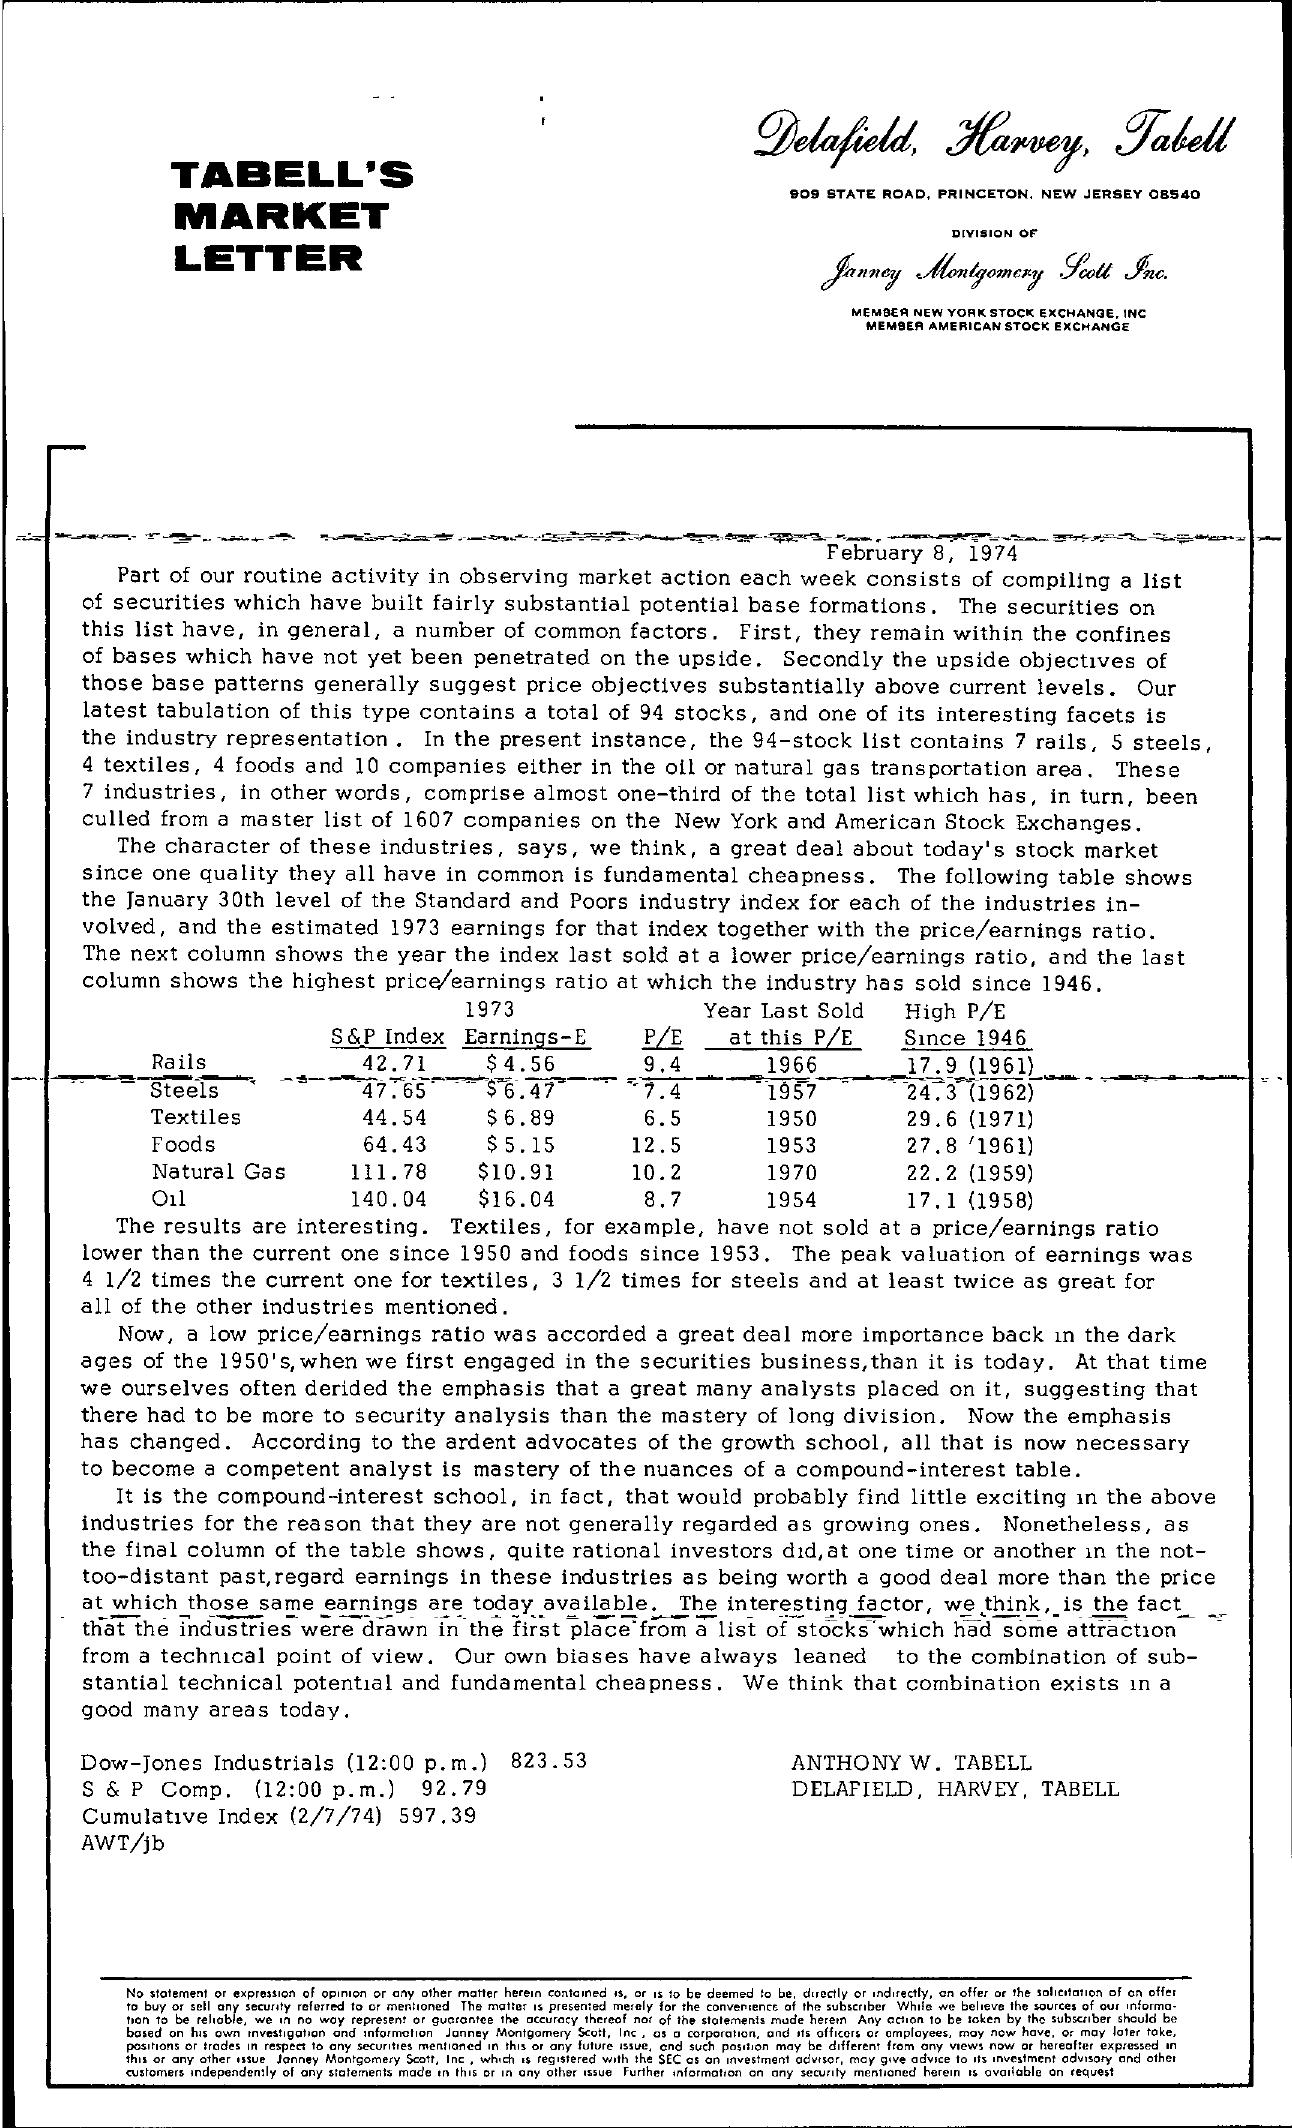 Tabell's Market Letter - February 08, 1974